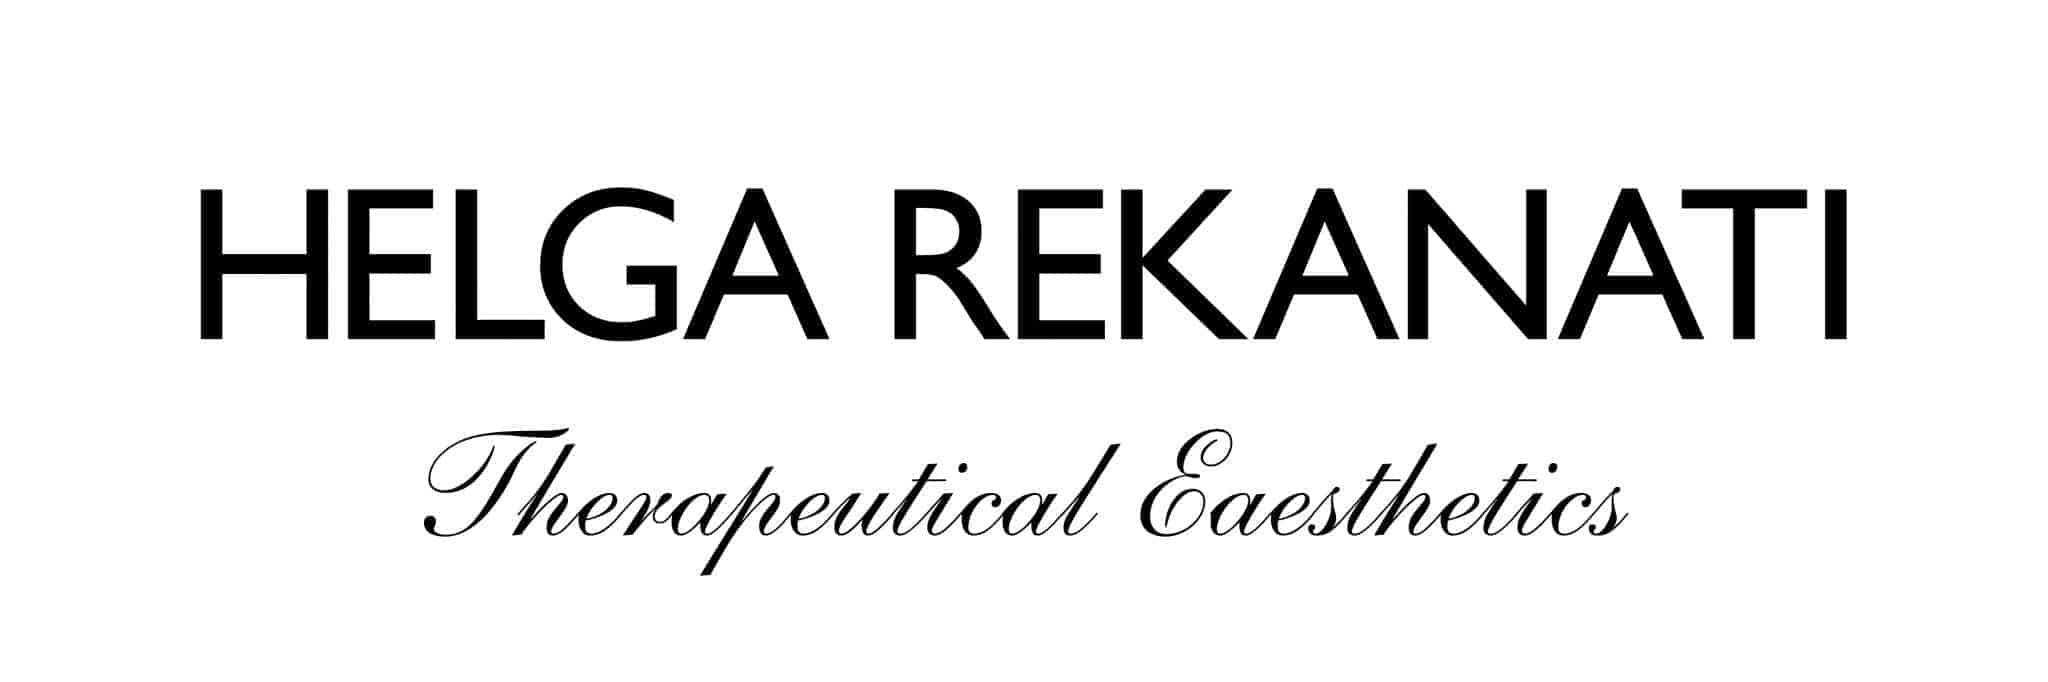 הלגה רנקטי לוגו